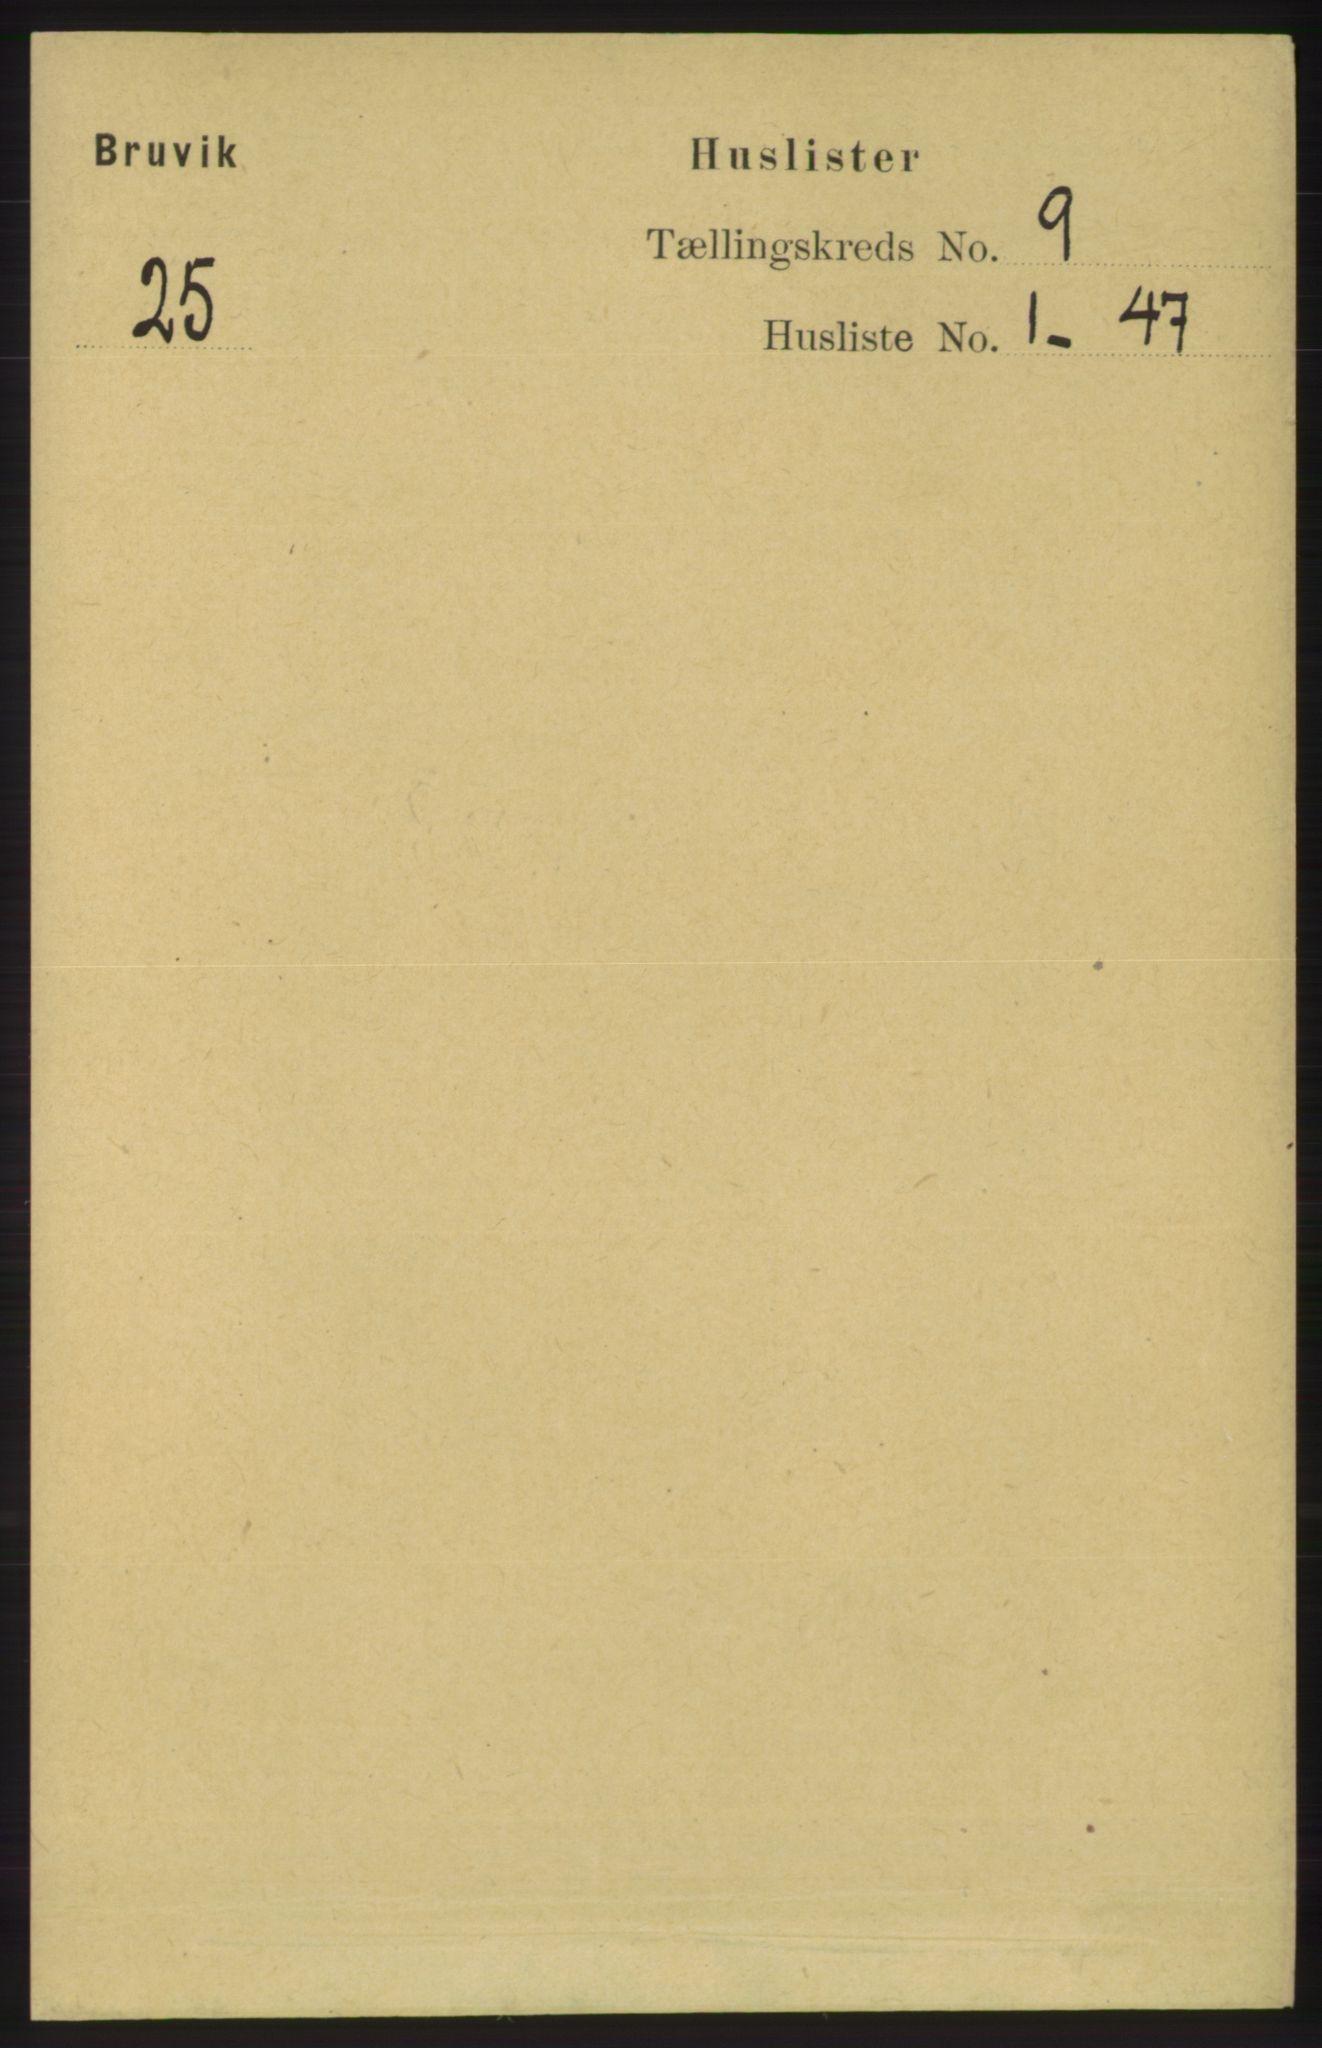 RA, Folketelling 1891 for 1251 Bruvik herred, 1891, s. 3210